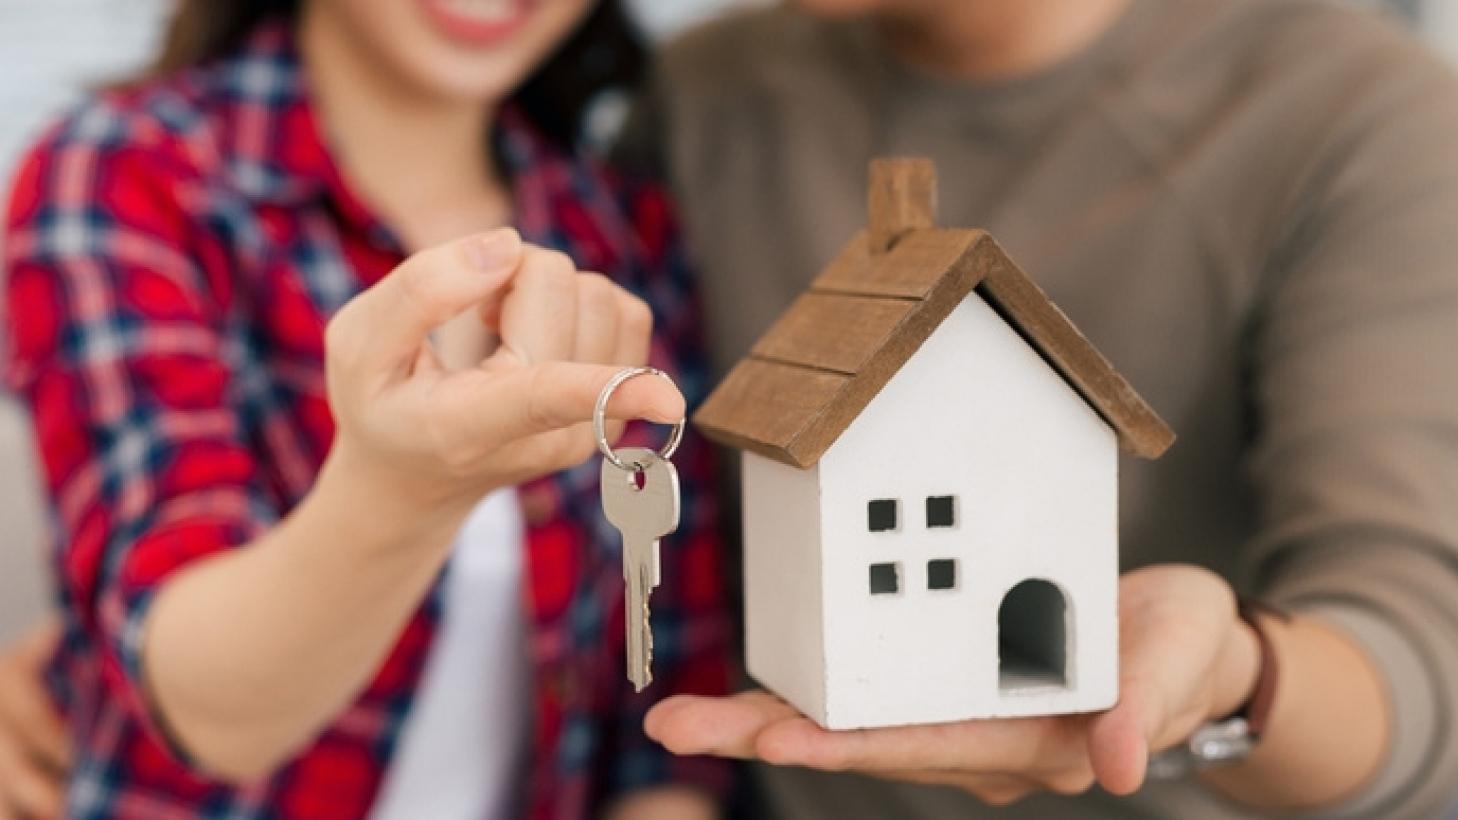 Количество сделок купли-продажи жилья в РК в марте уменьшилось на 4,5%